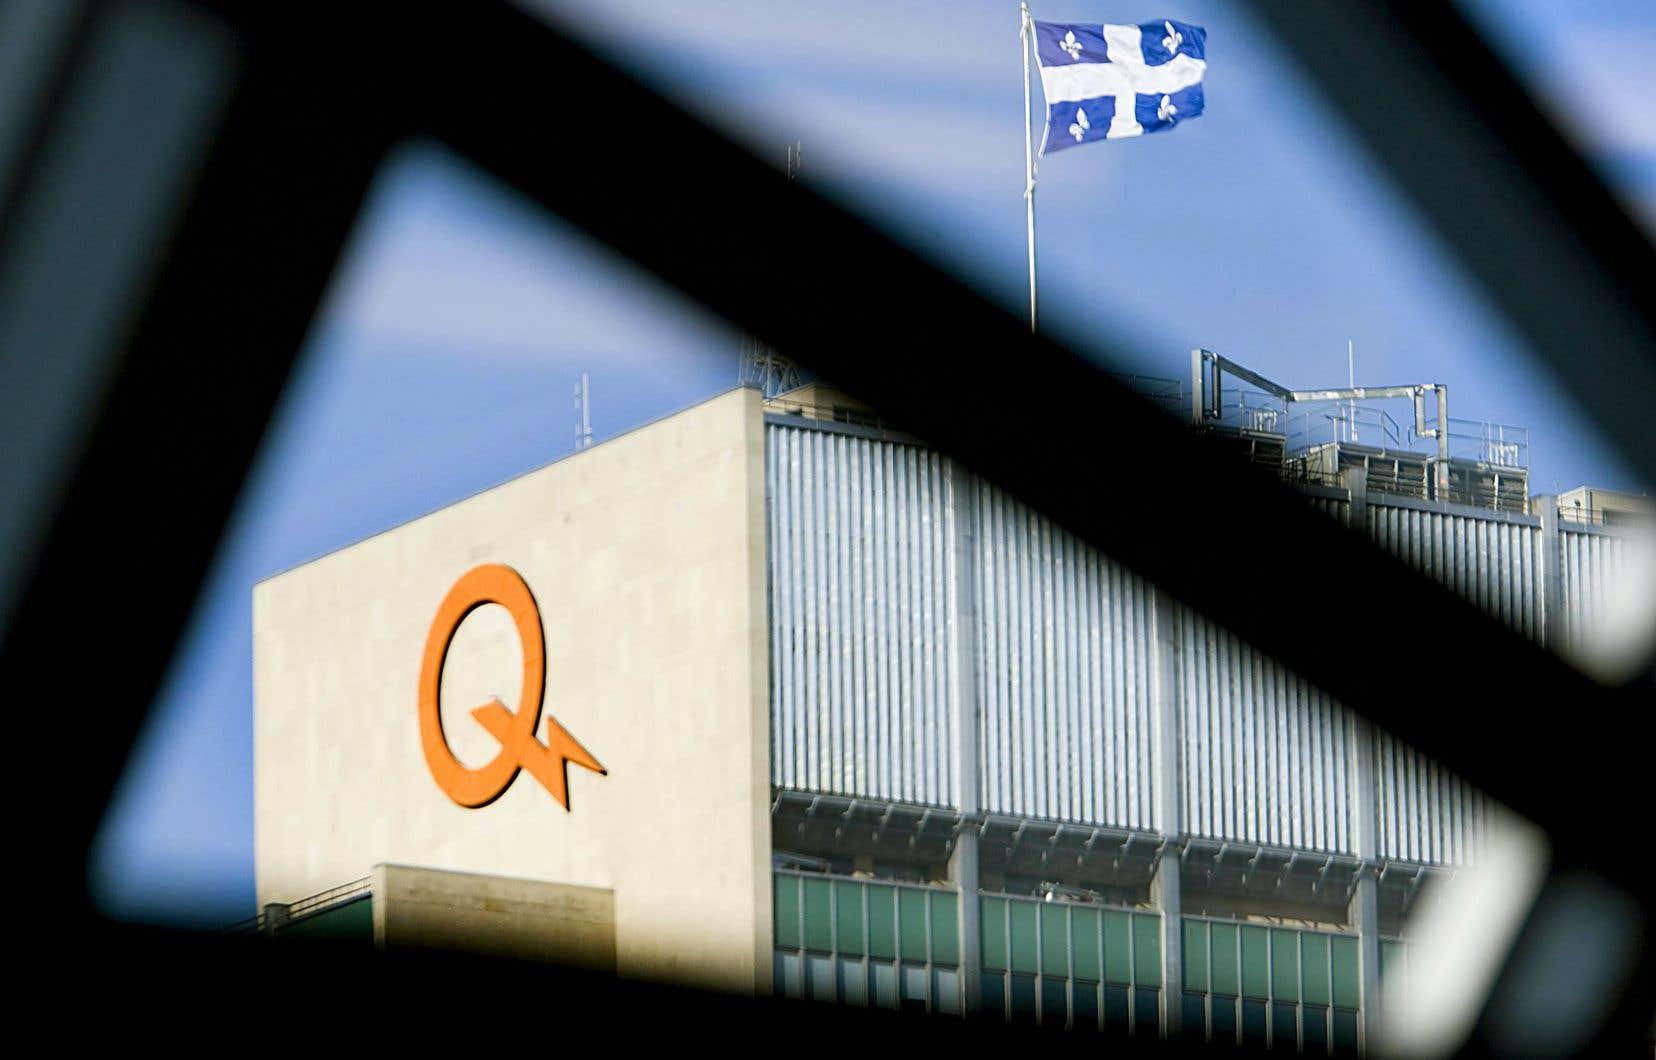 Un corridor énergétique passerait par le Maine pour acheminer l'électricité d'Hydro-Québec auMassachusetts, cet Étatayant signé un contrat de 20 ans avec la compagnie québécoise.